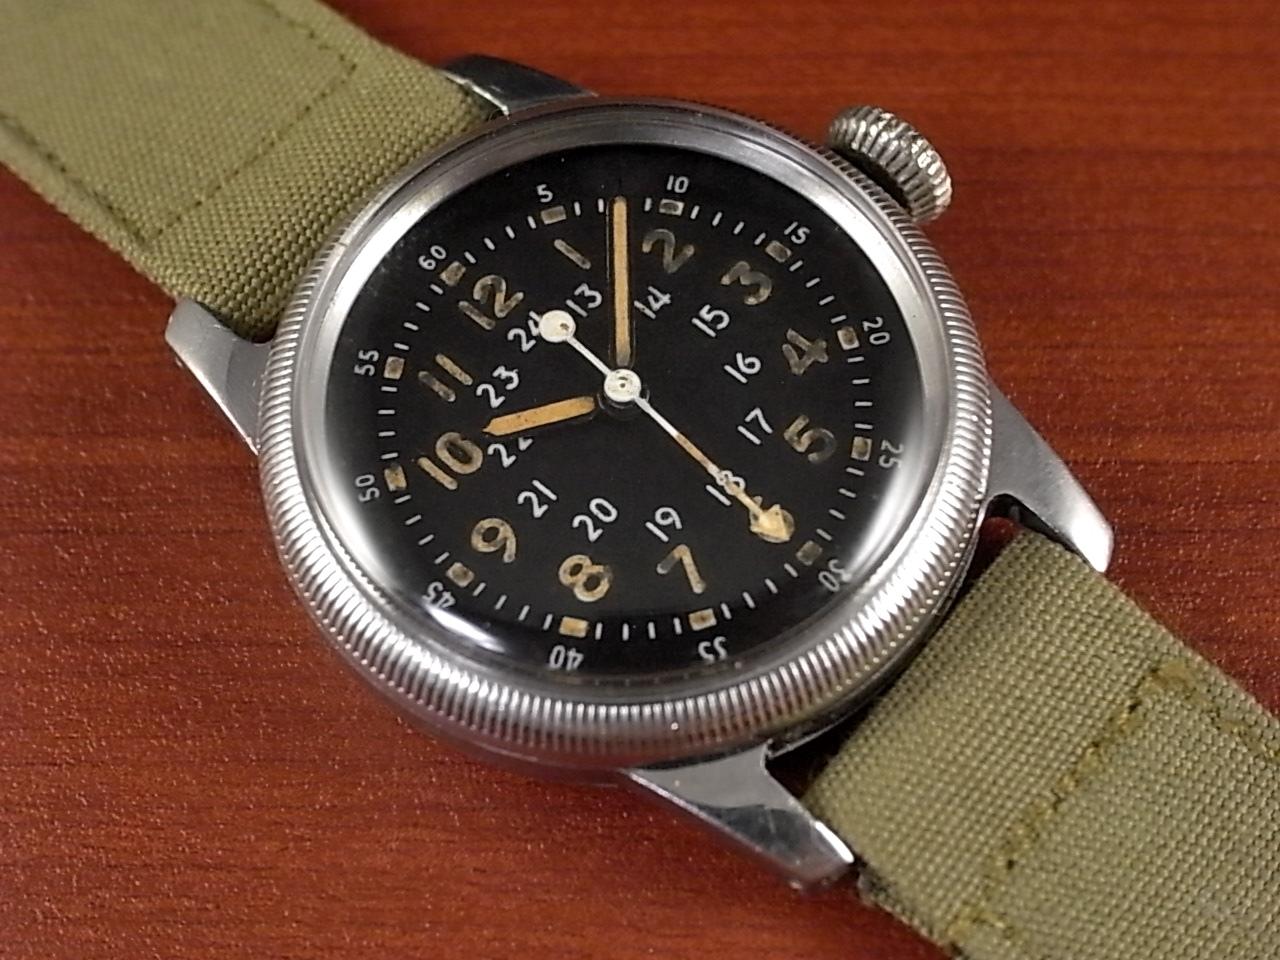 ウォルサム 軍用時計 米軍 タイプA-17 1950年代のメイン写真